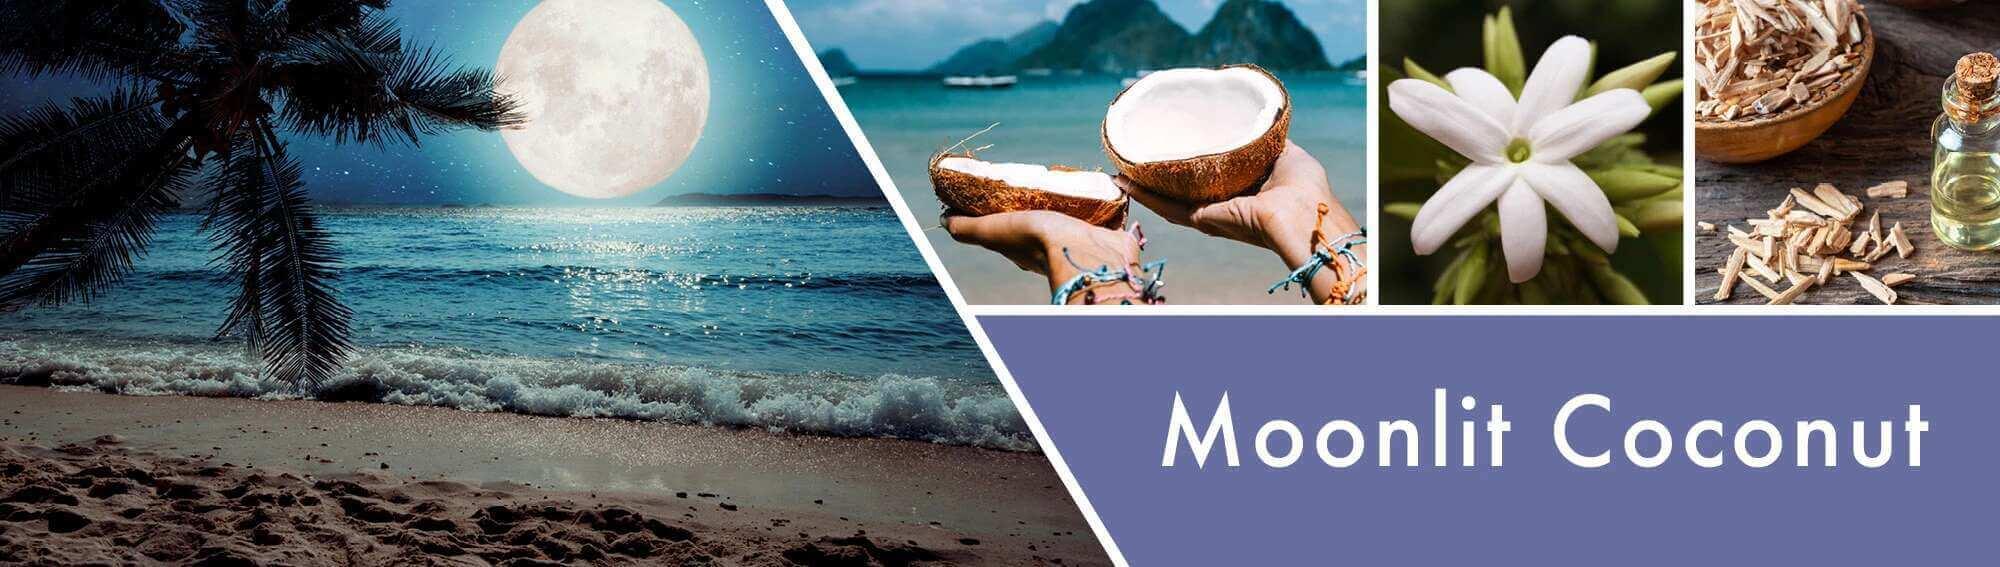 Moonlit-Coconut-Fragrance